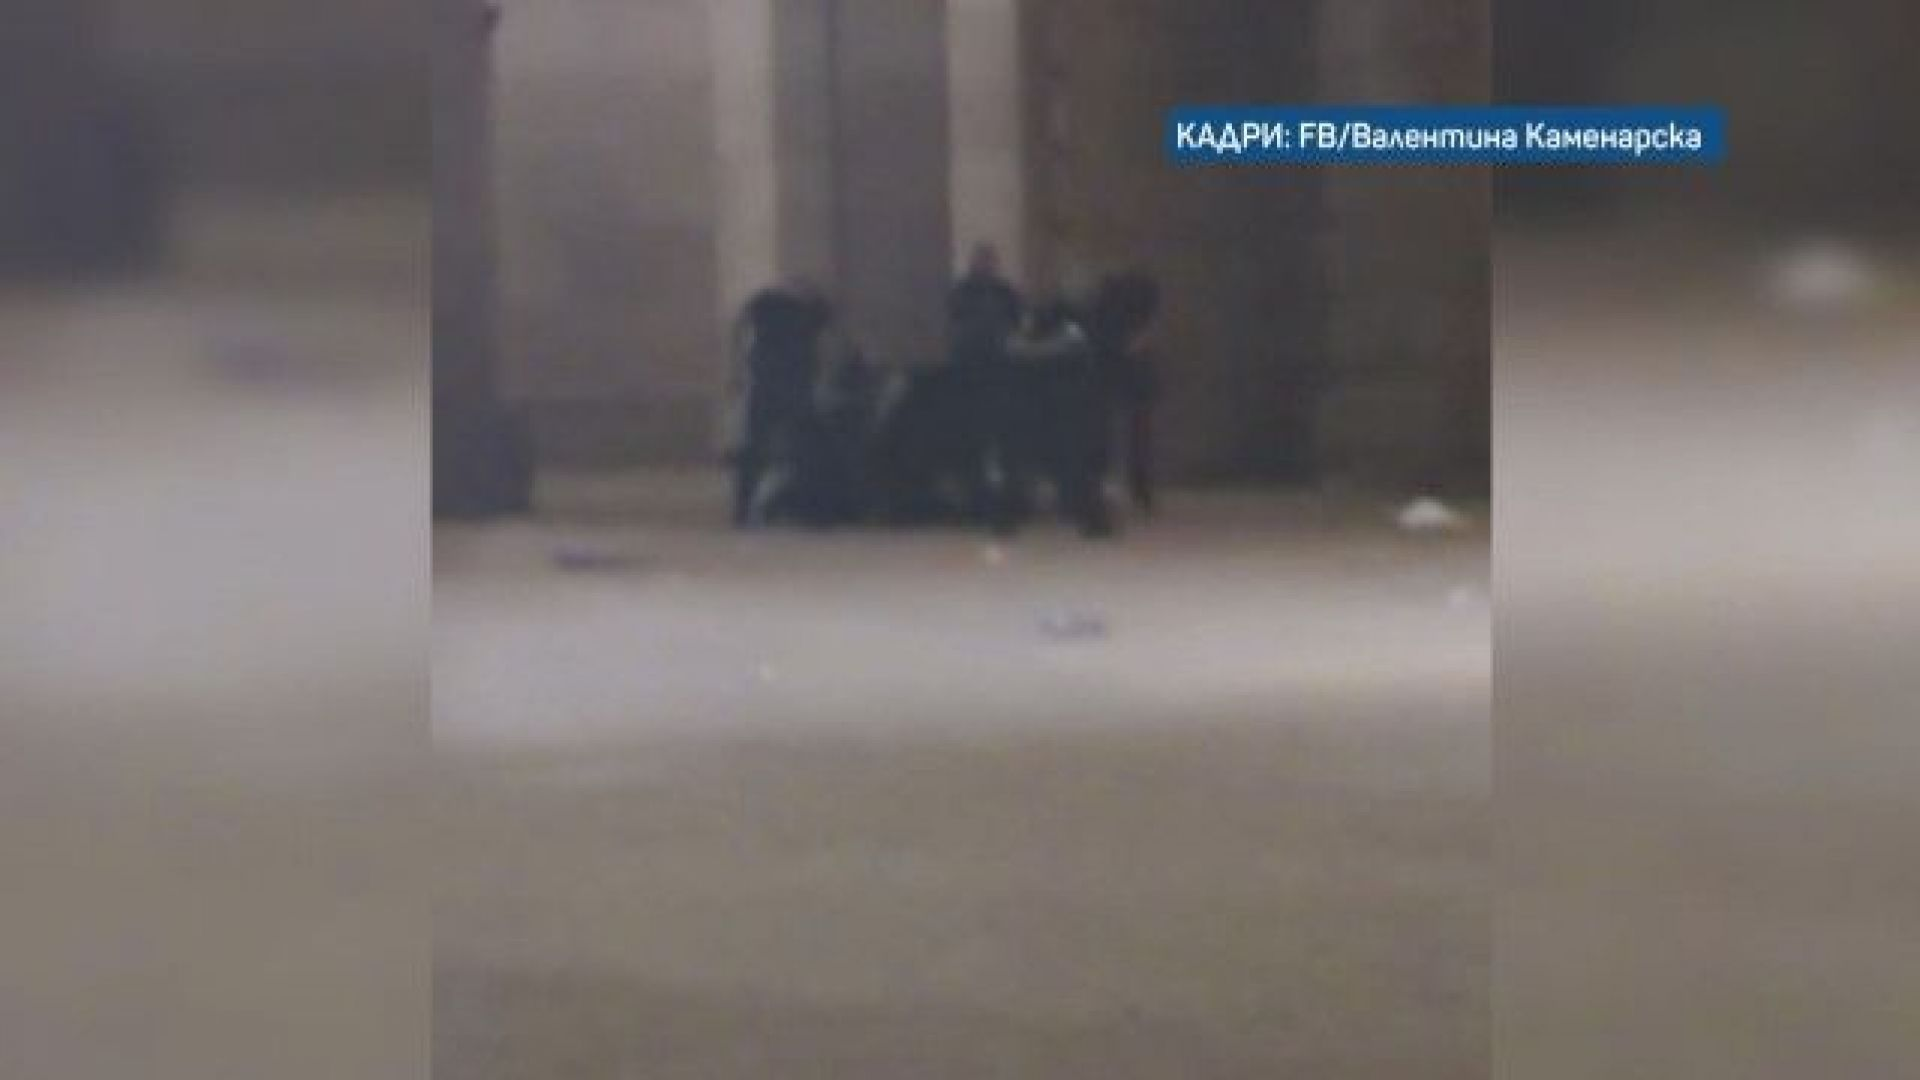 Родителите на пострадалия студент от Хага: Той е бил тормозен от полицаи и в болницата